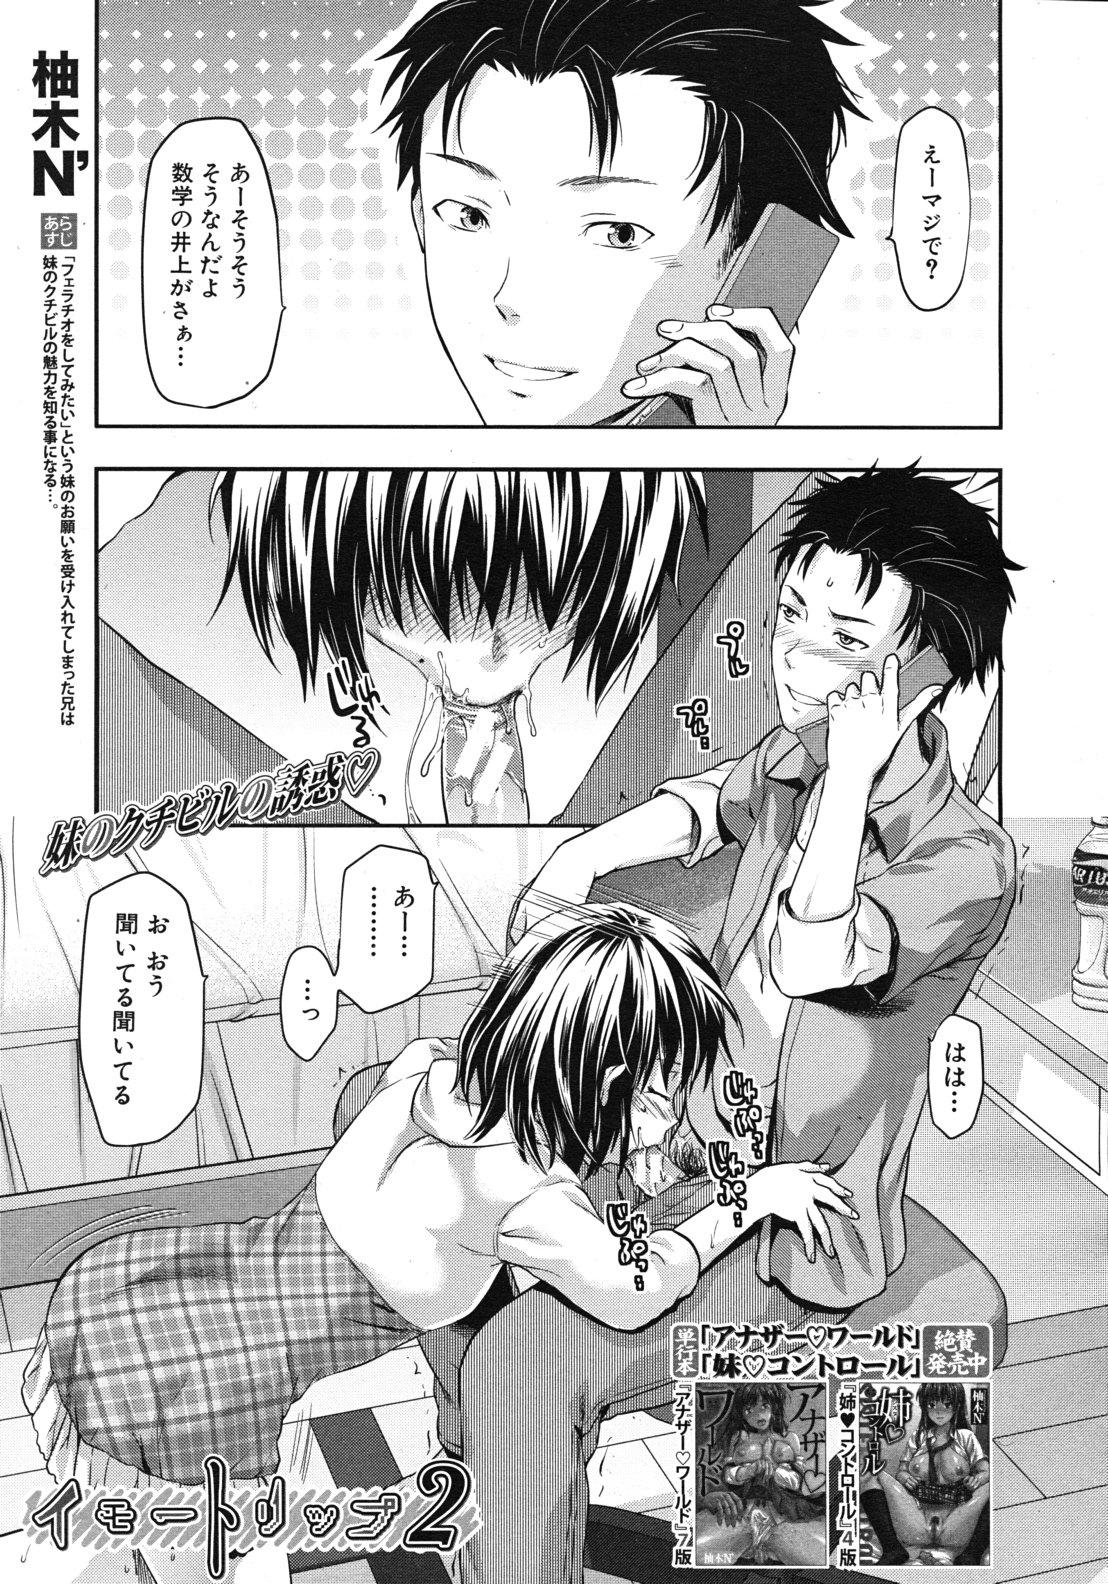 【エロ漫画】兄にフェラチオしていた妹は兄に恋人ができるかもしれないと知ると焼きもちを焼いてディープキスをしたりエッチに求める!!